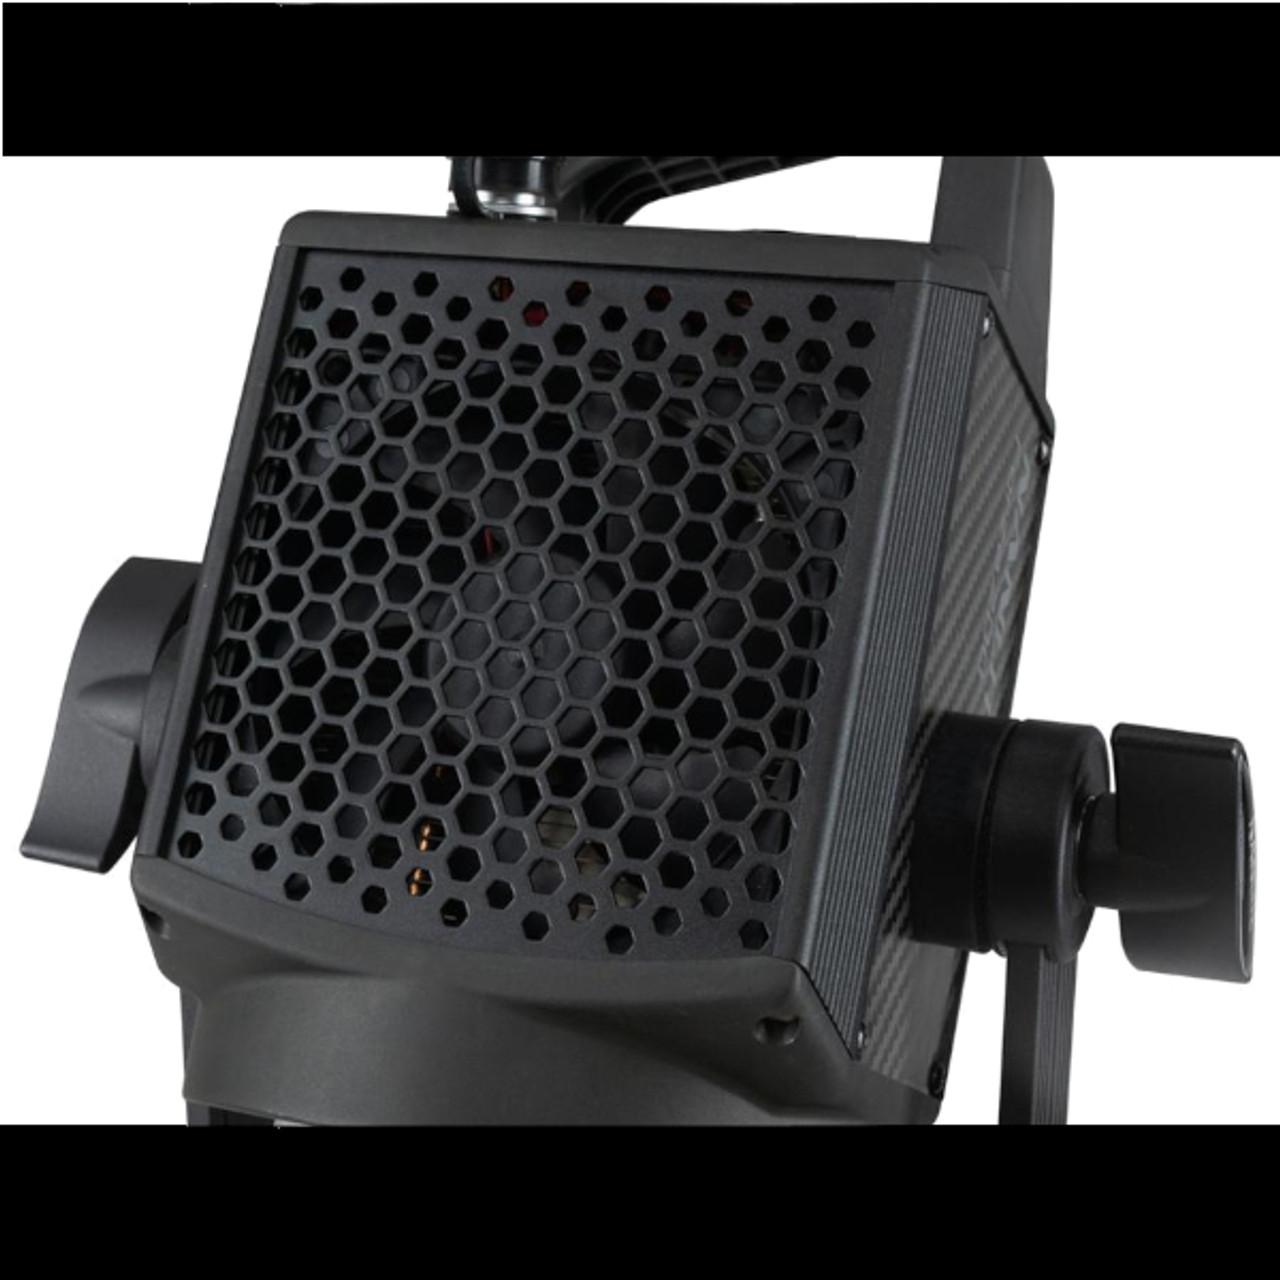 Nanlite Forza 200 LED Light